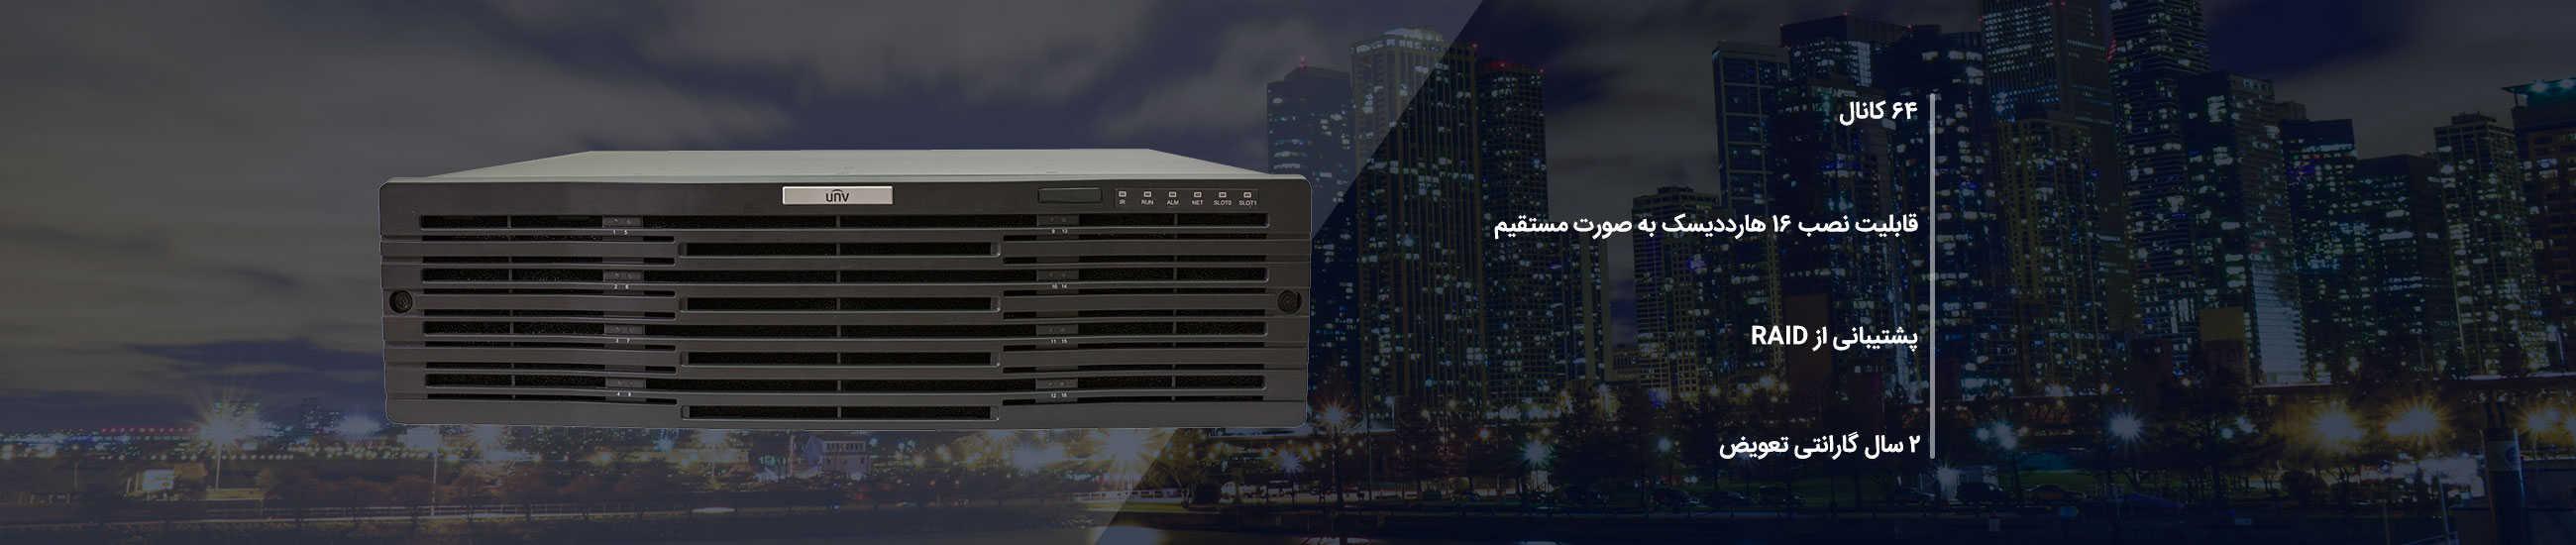 دستگاه ضبط تصاویر تحت شبکه NVR516-64